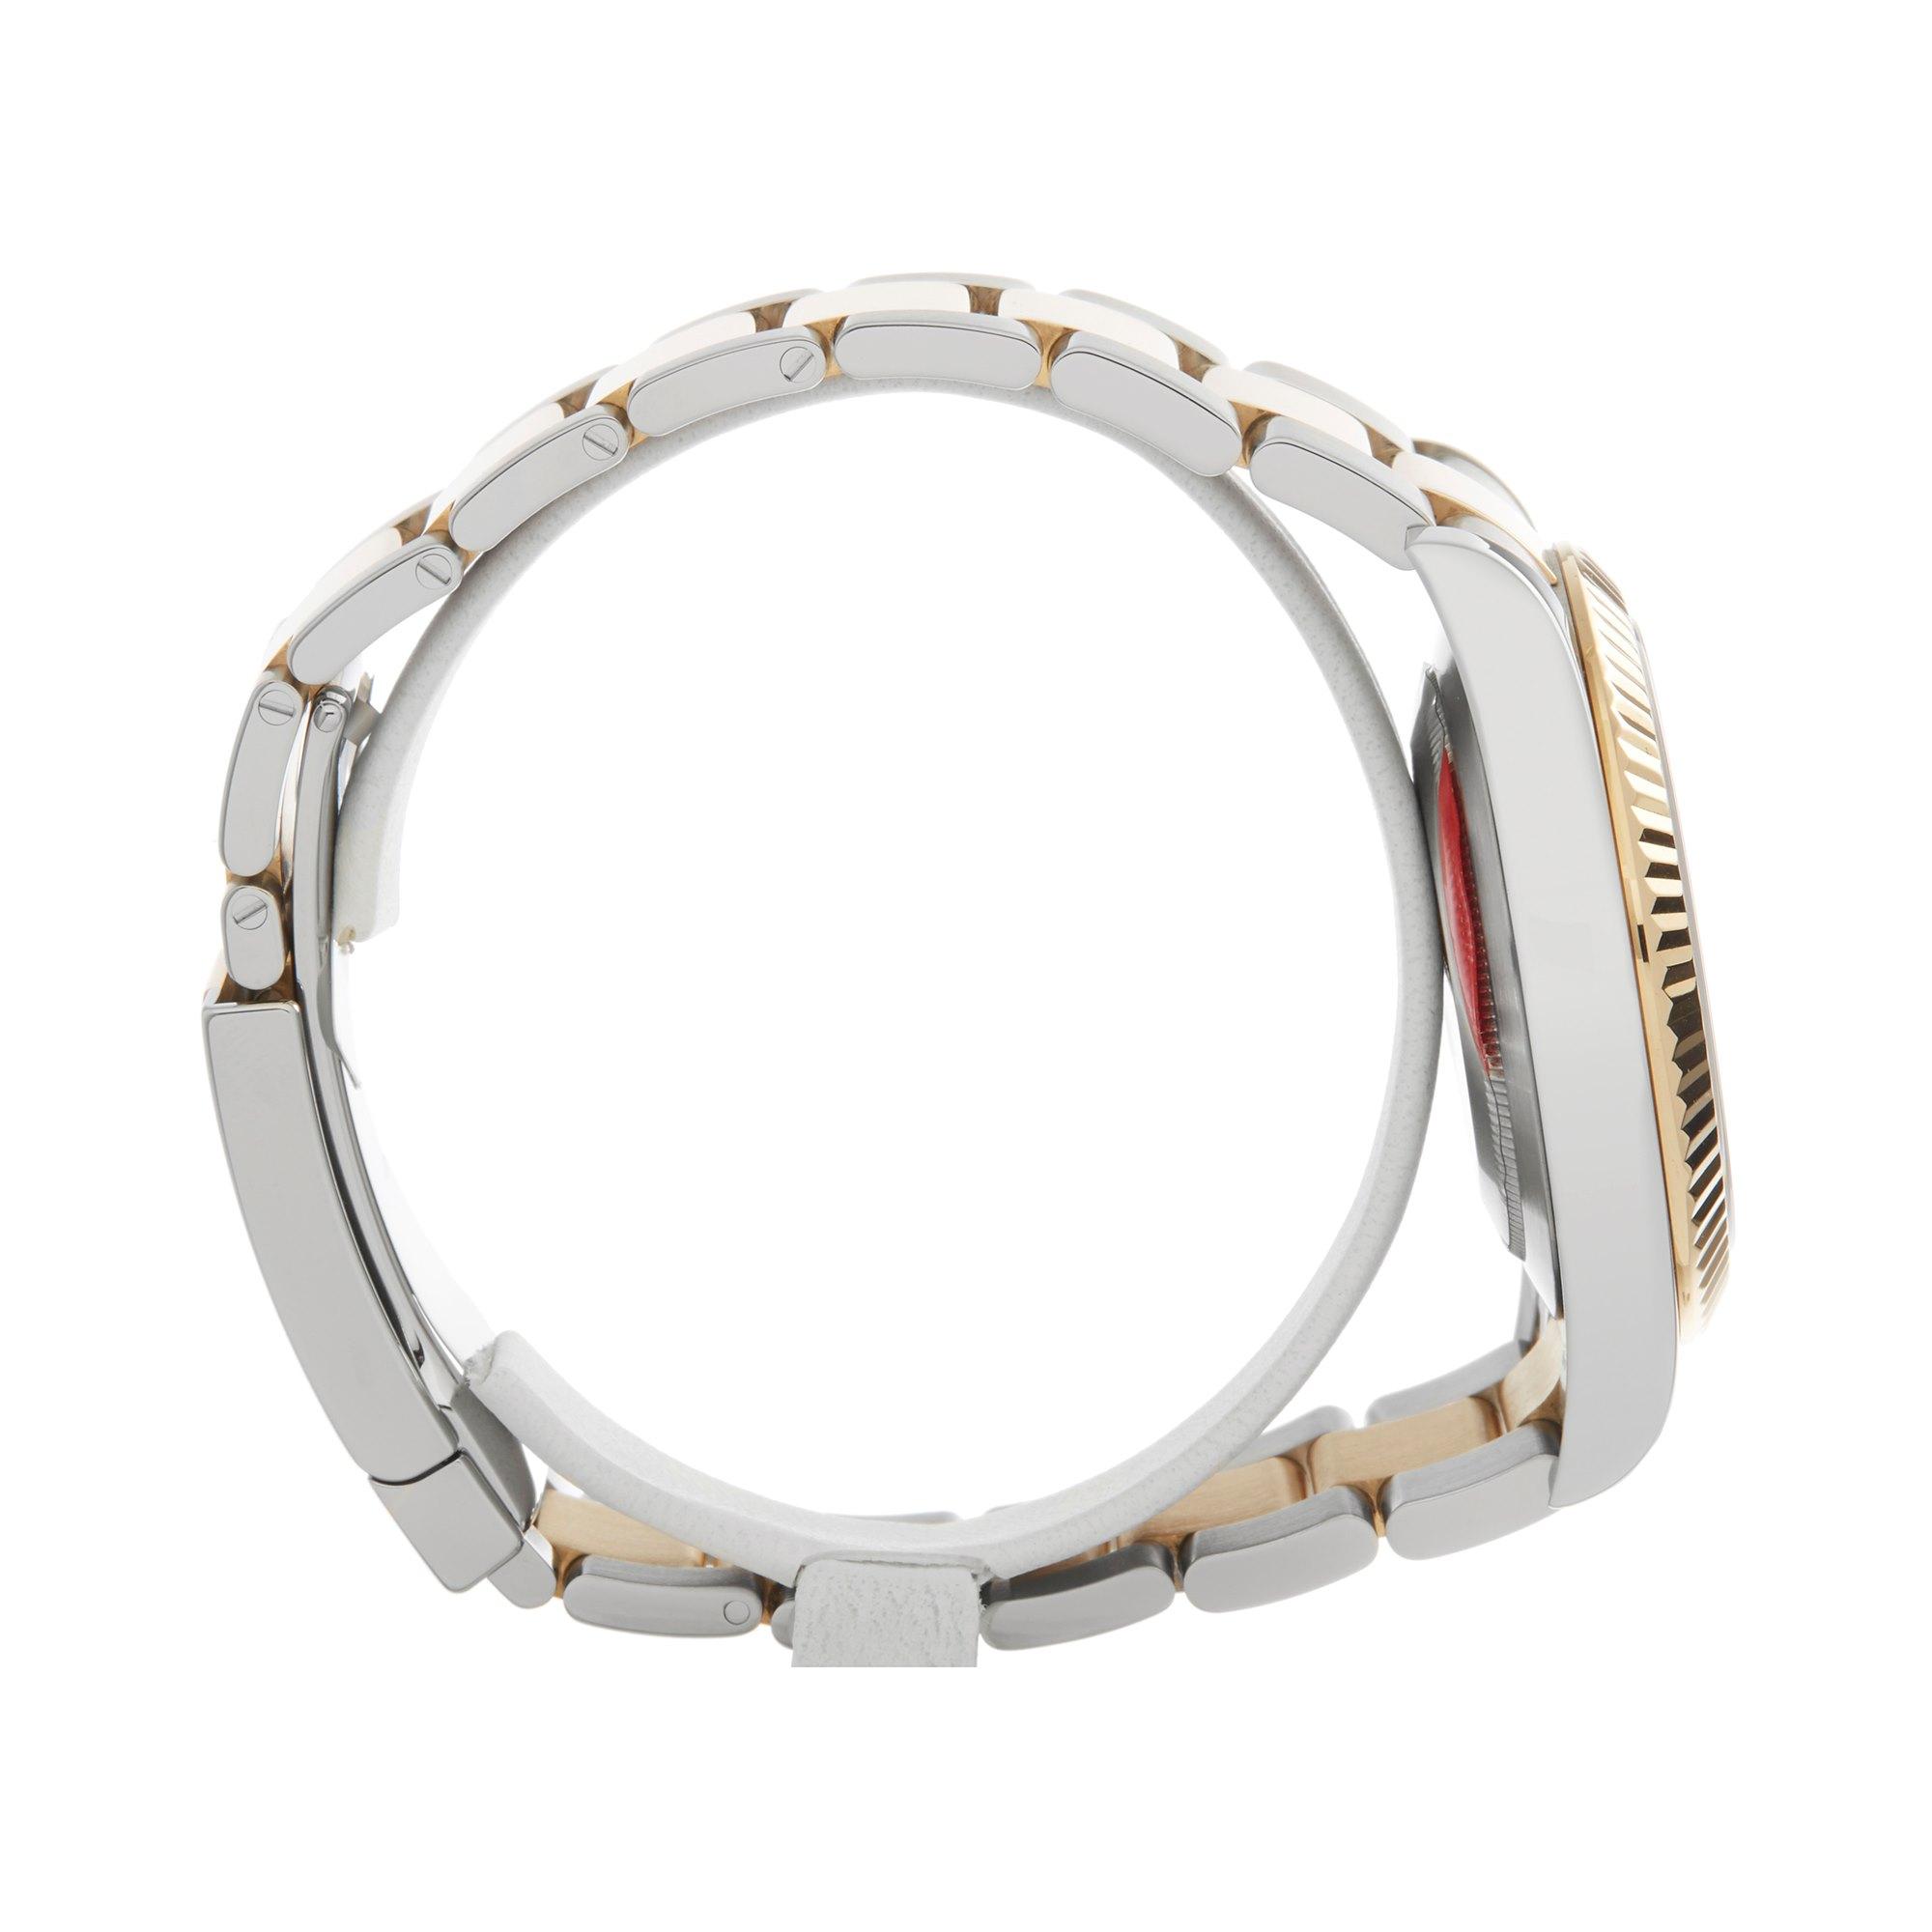 Rolex Datejust II Wimbledon Roestvrij Staal & Geel Goud 116333